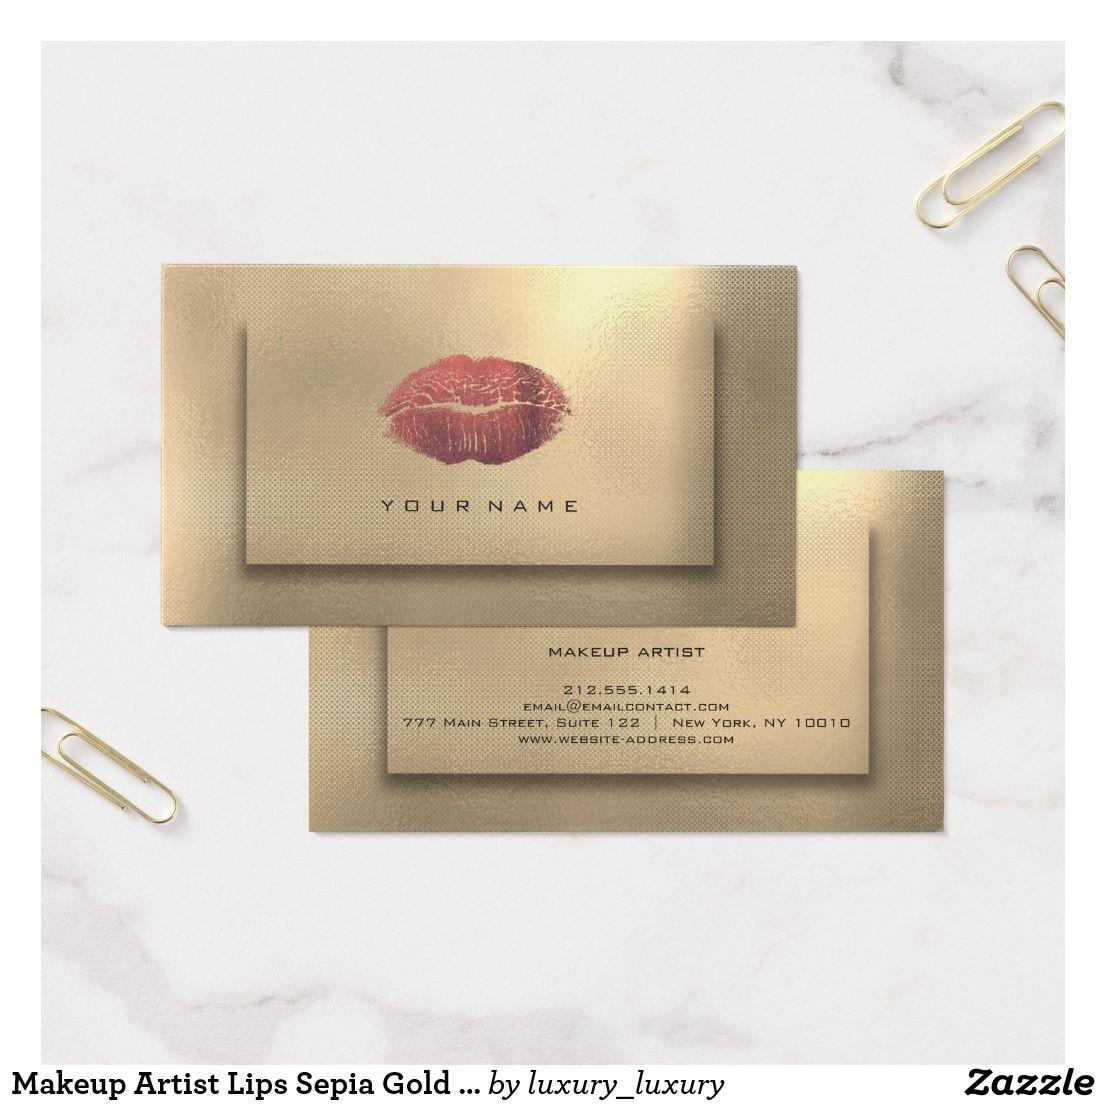 Makeup Artist Lips Sepia Gold Burgundy Beauty Lux Business Card Makeup Artist Gifts Makeup Artist Business Cards Luxe Business Cards